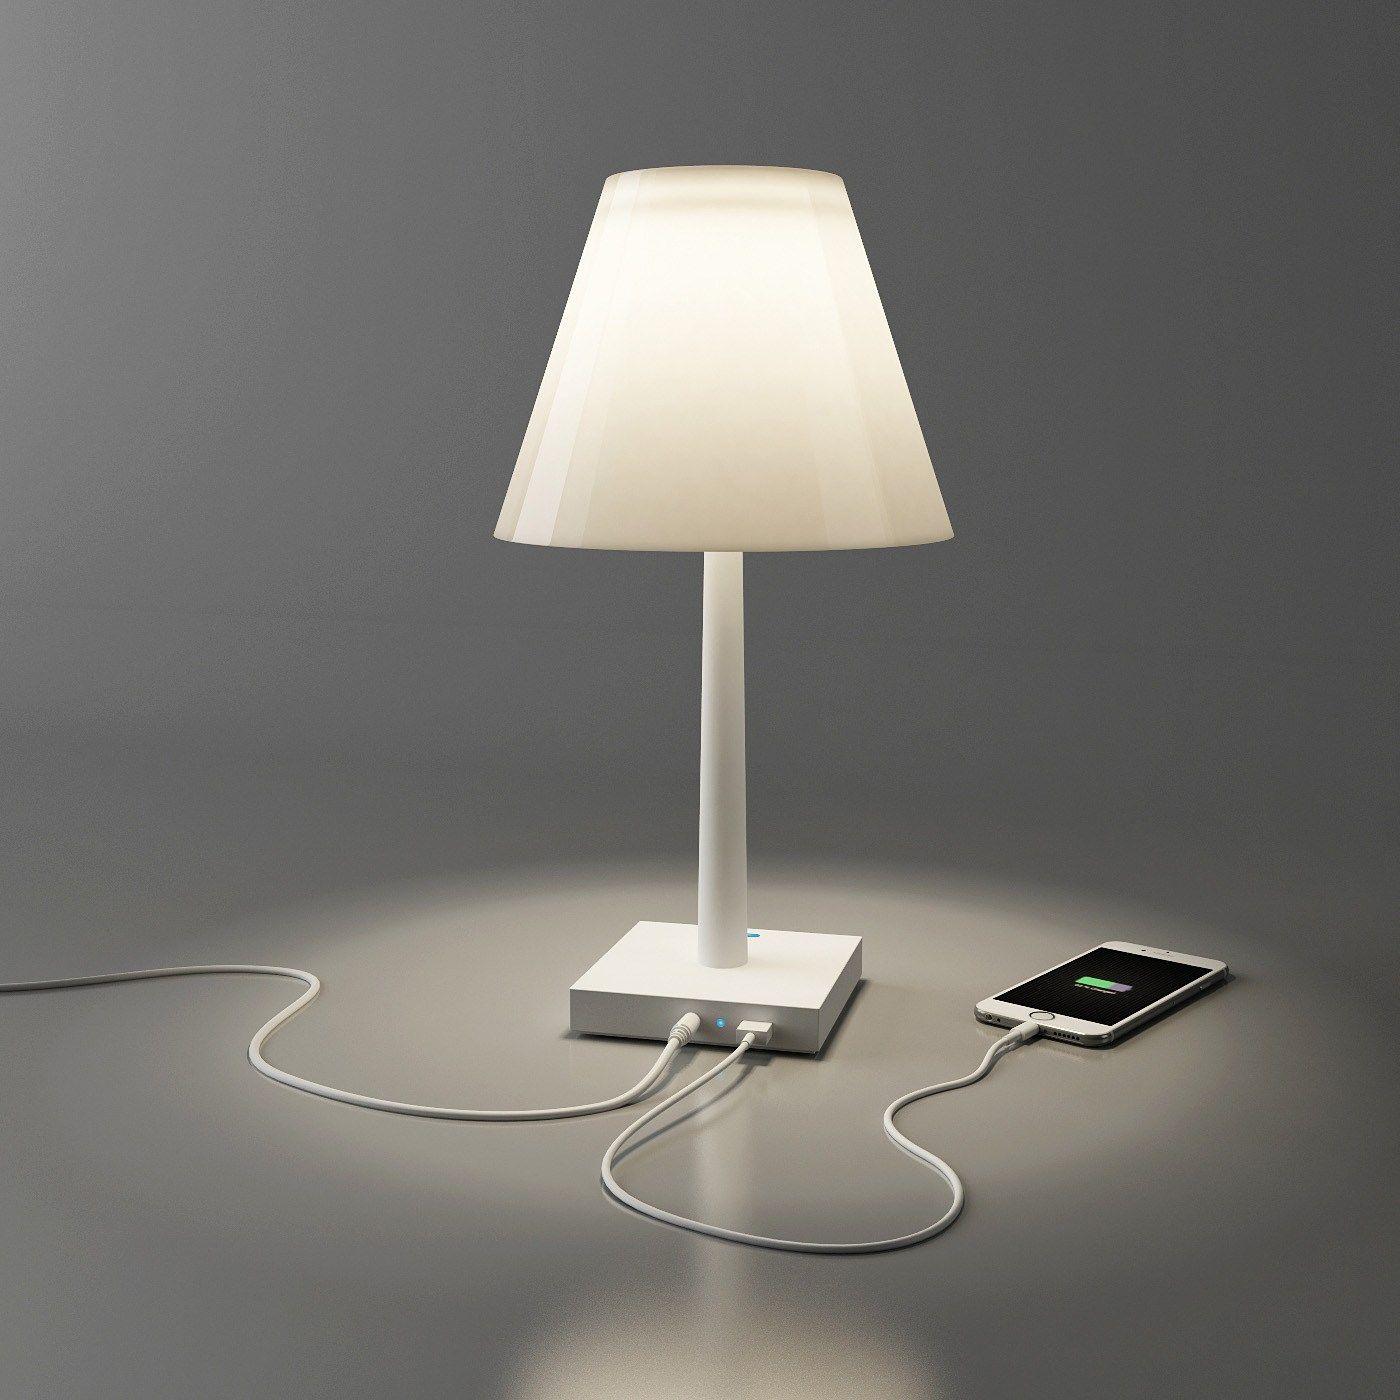 La tecnologia led al centro delle novit rotaliana for Lampade tonde da tavolo